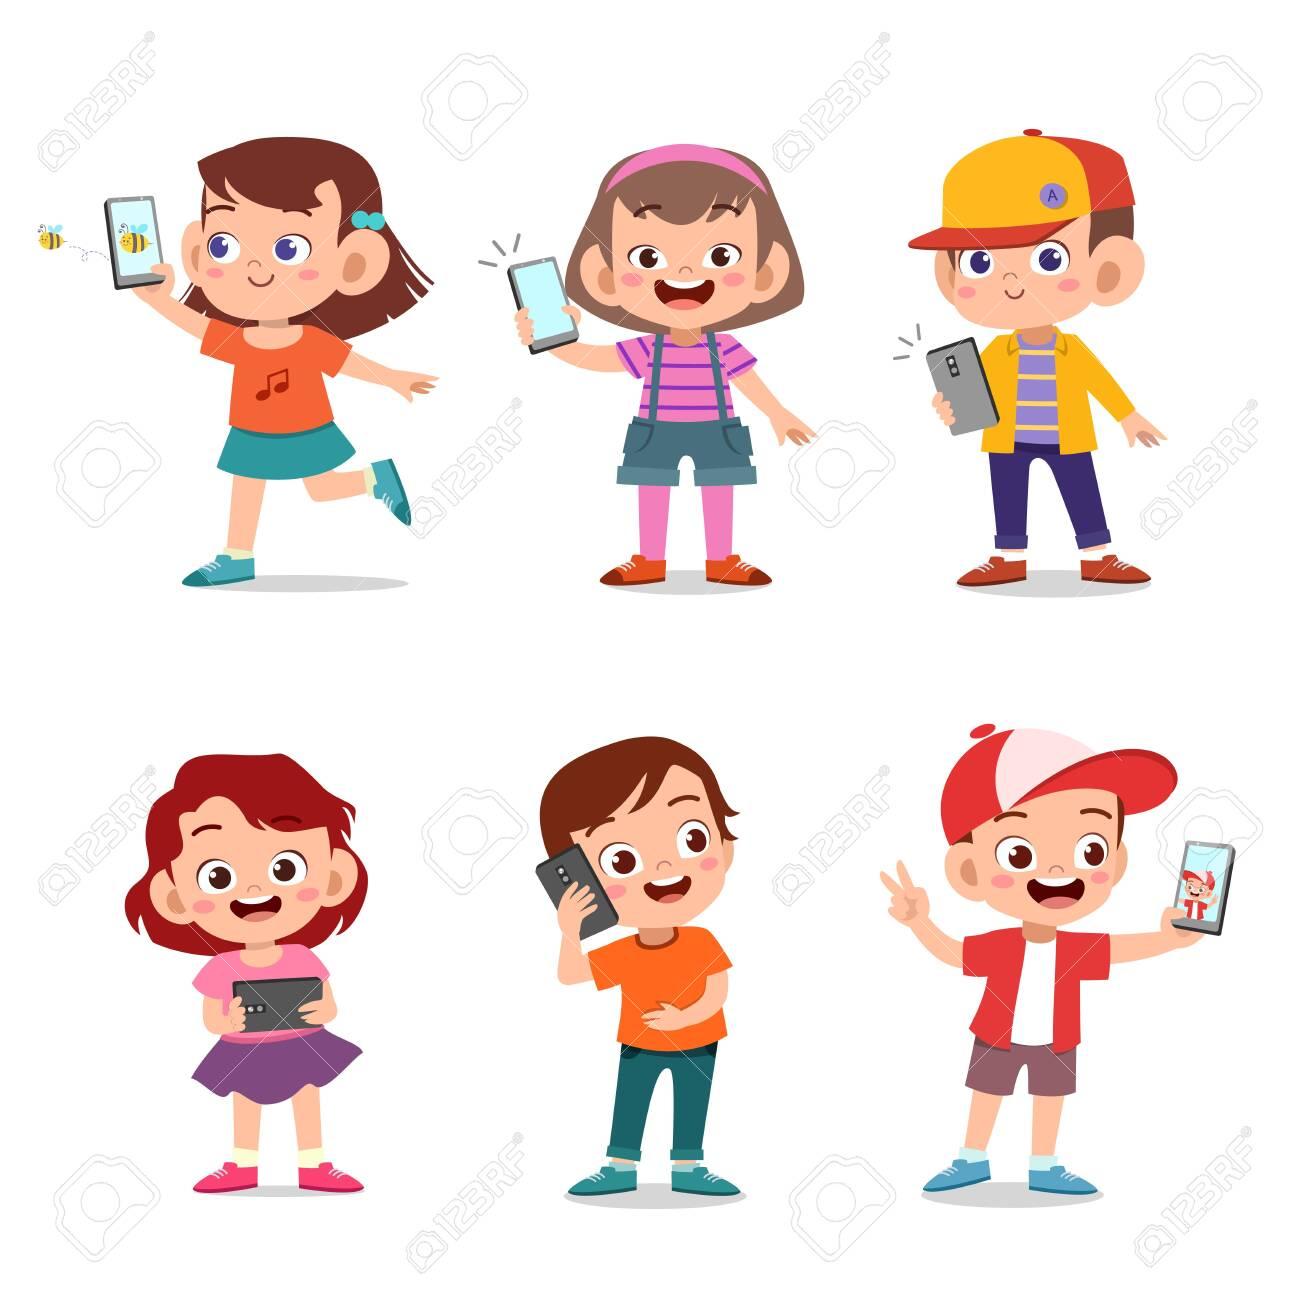 kids cute happy children with smartphone vector - 138511044